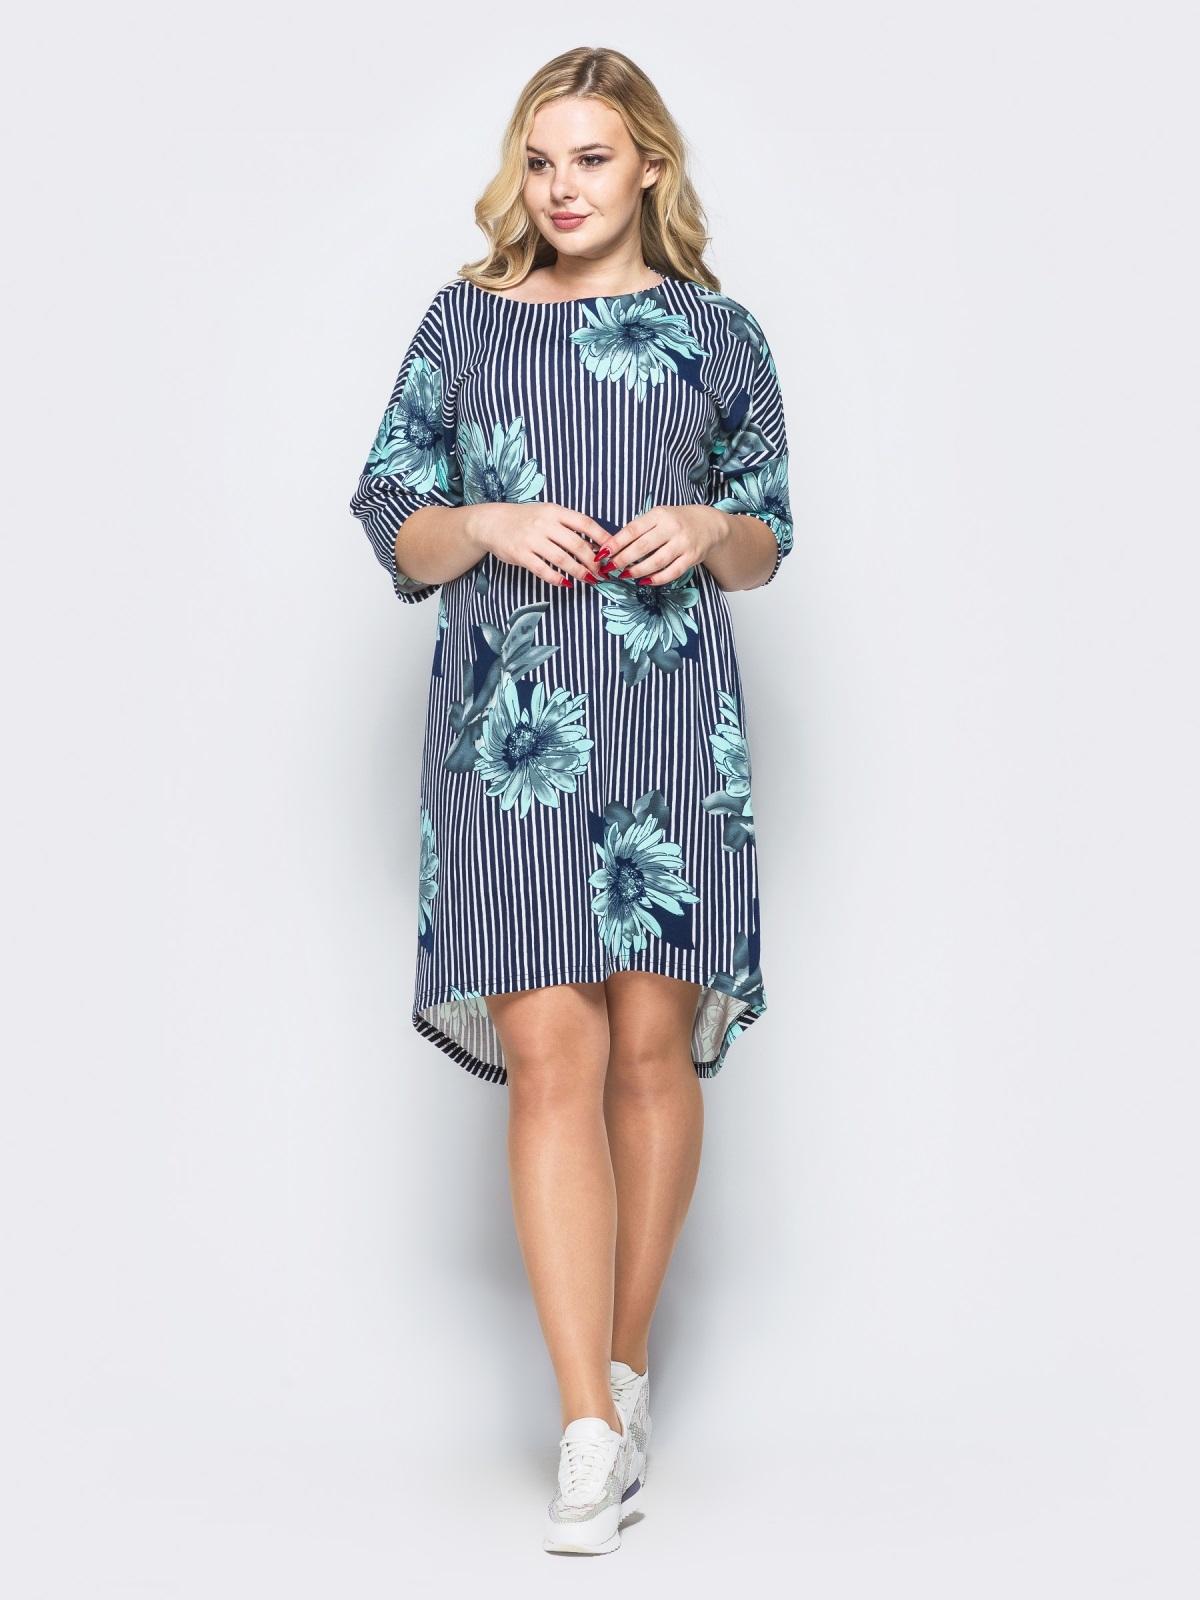 Платье свободного кроя в полоску с голубыми цветами - 16666, фото 1 – интернет-магазин Dressa